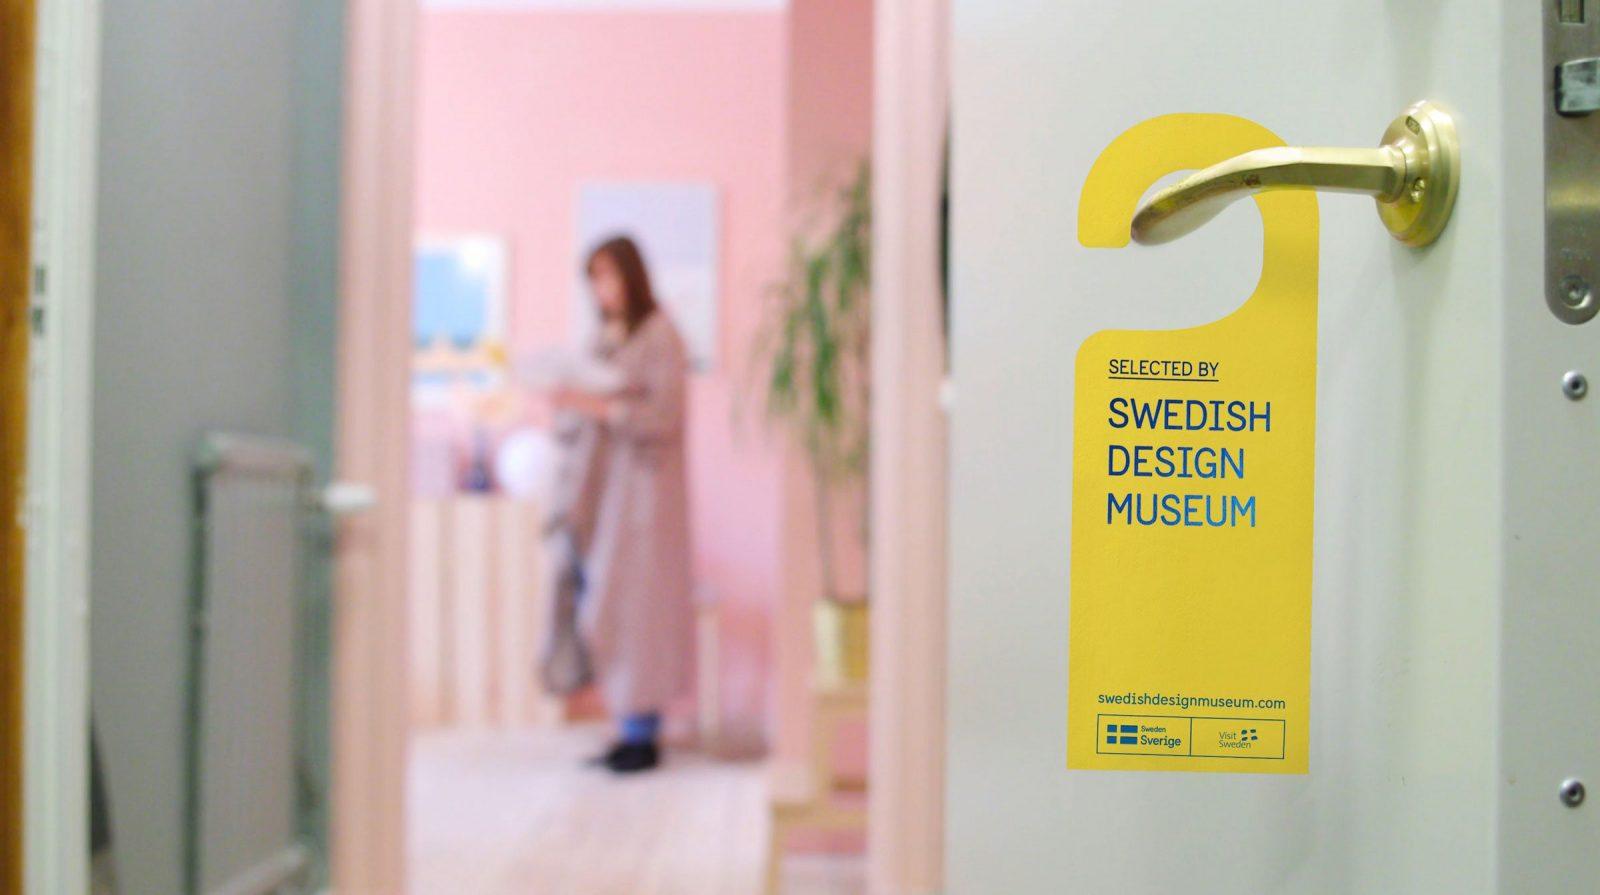 Swedish Design Museum